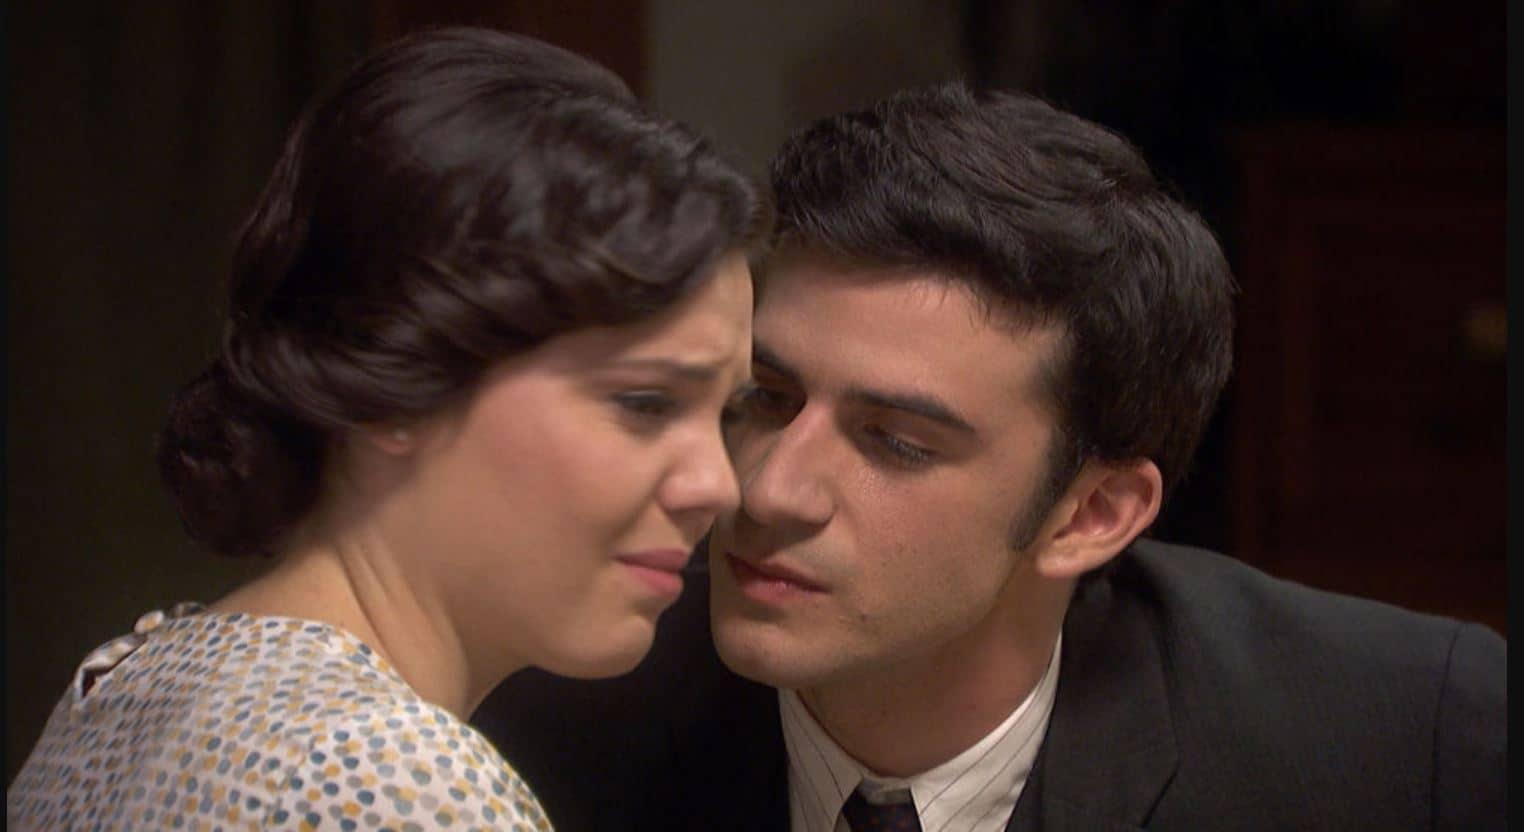 Il segreto anticipazioni: Matias sta per scoprire la verità su Marcela e Tomas